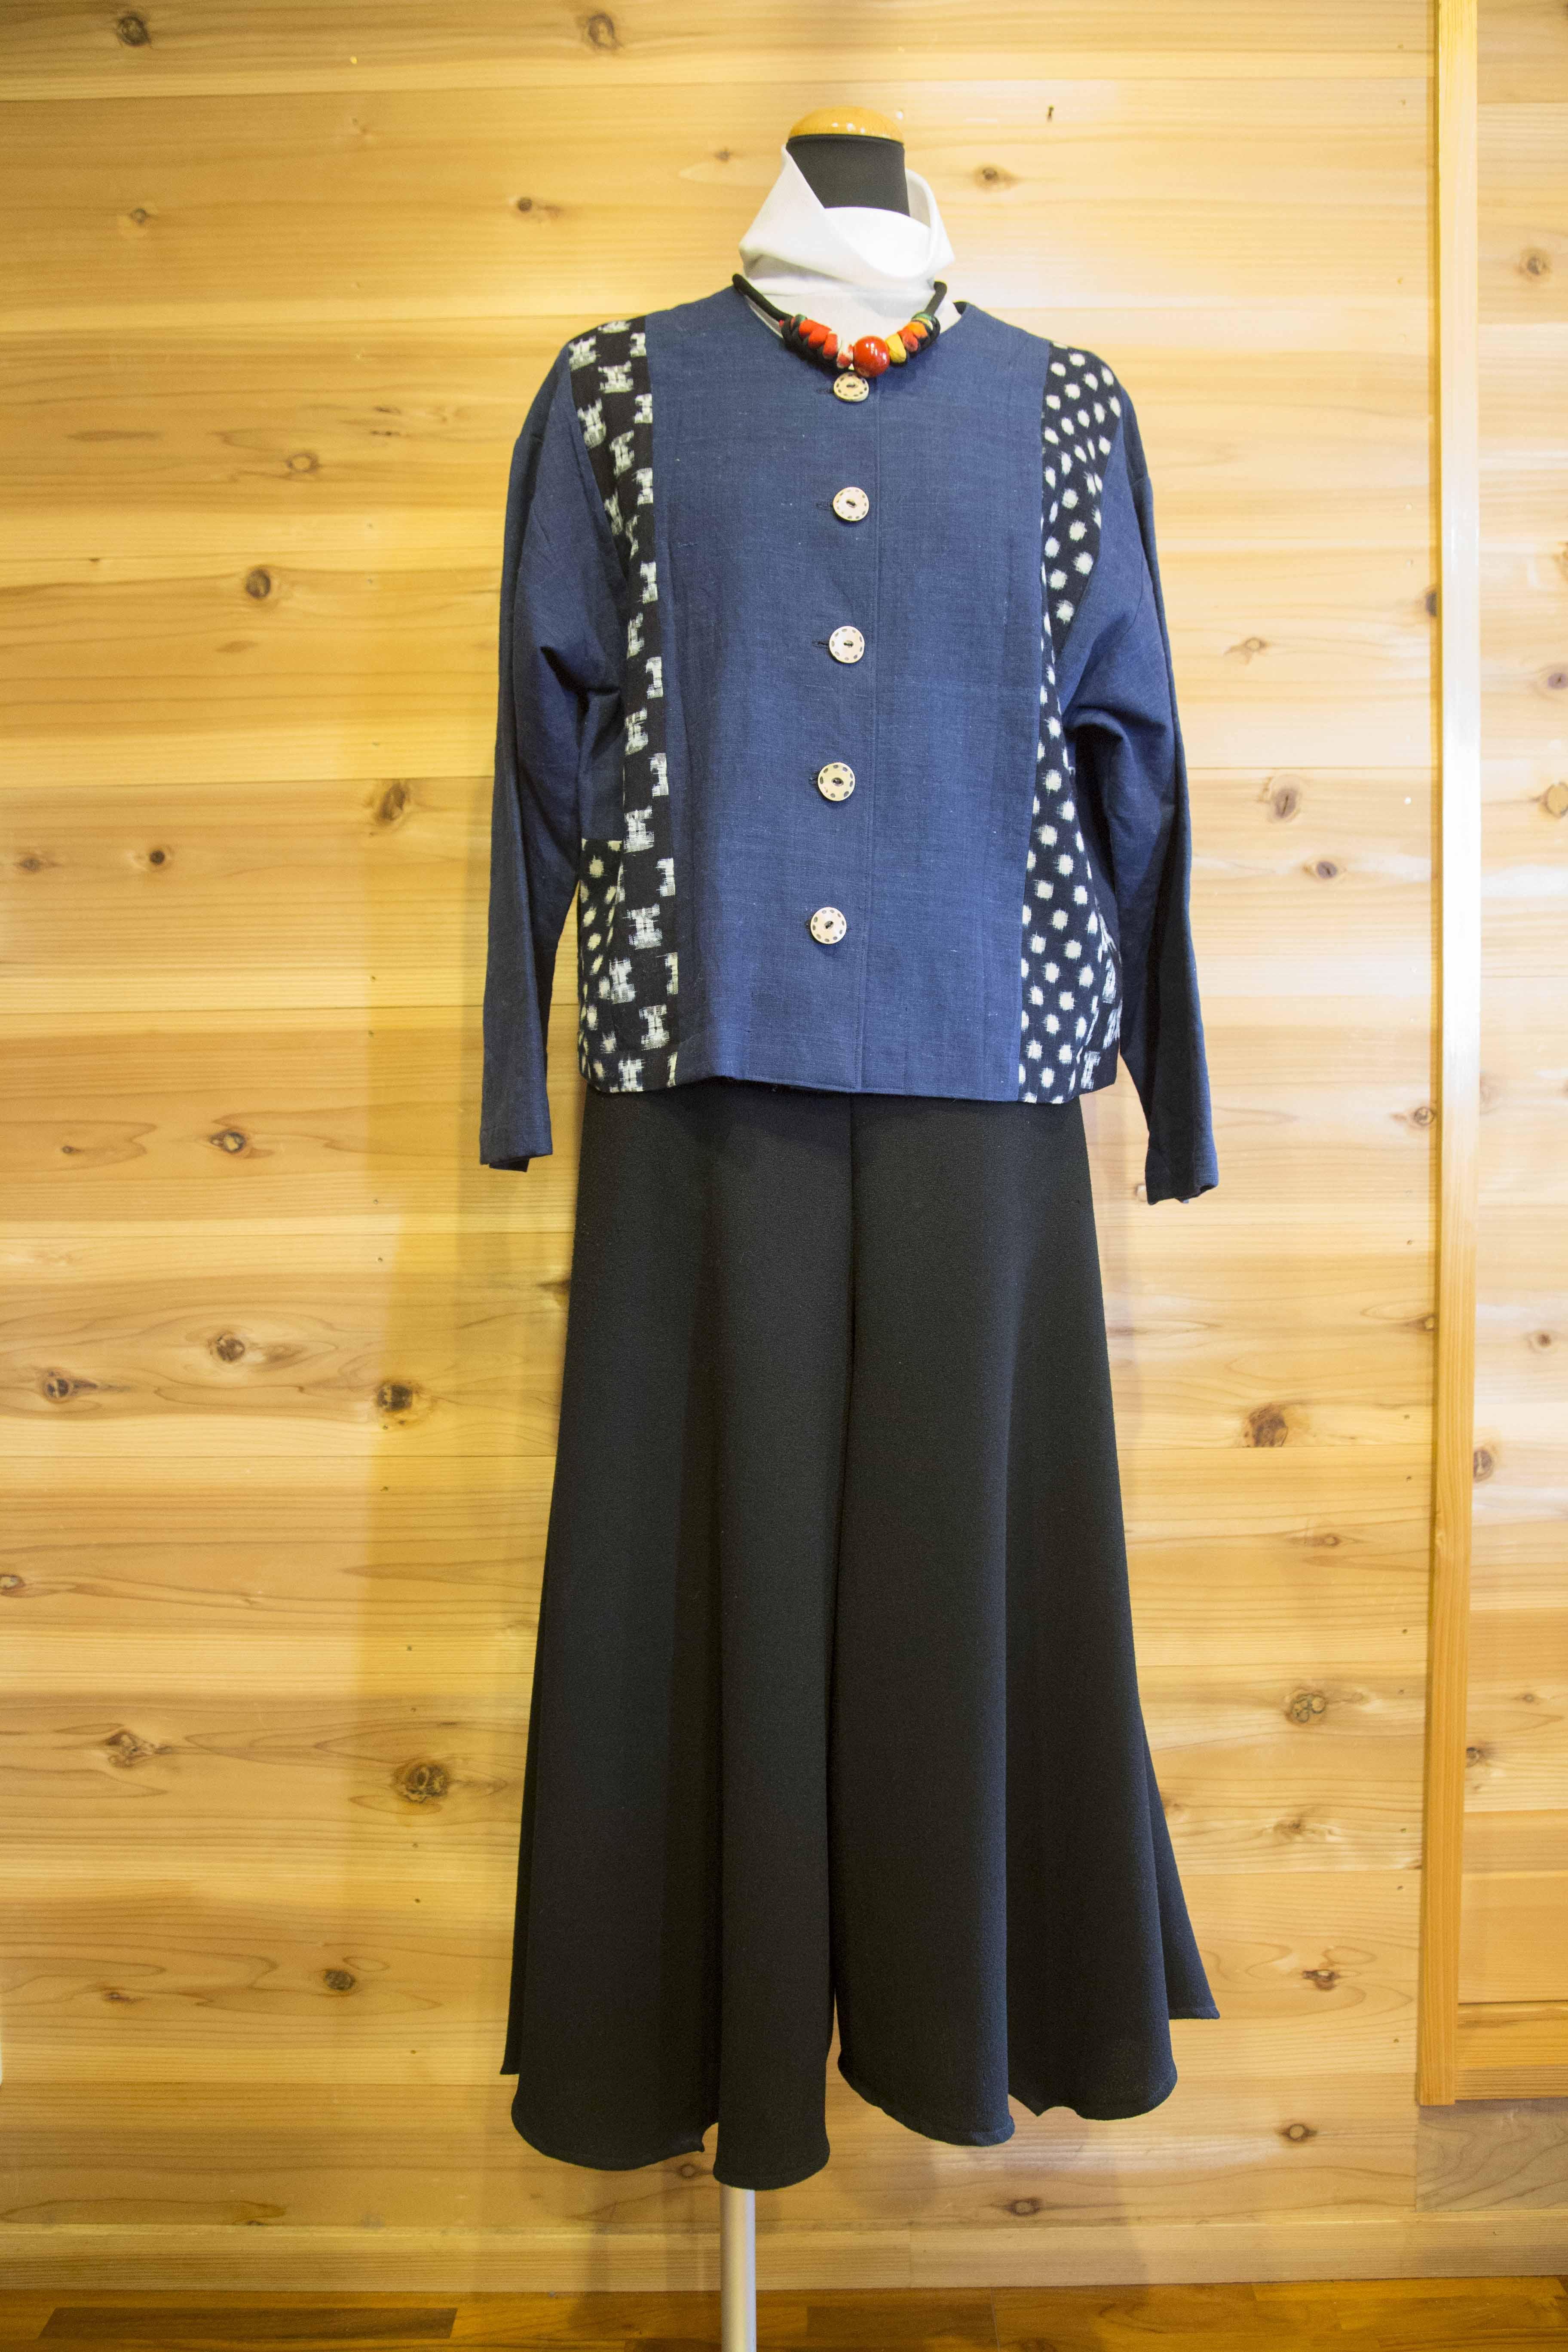 ジャケット/素材:綿/ 藍染、かすり 13,000円(税込)